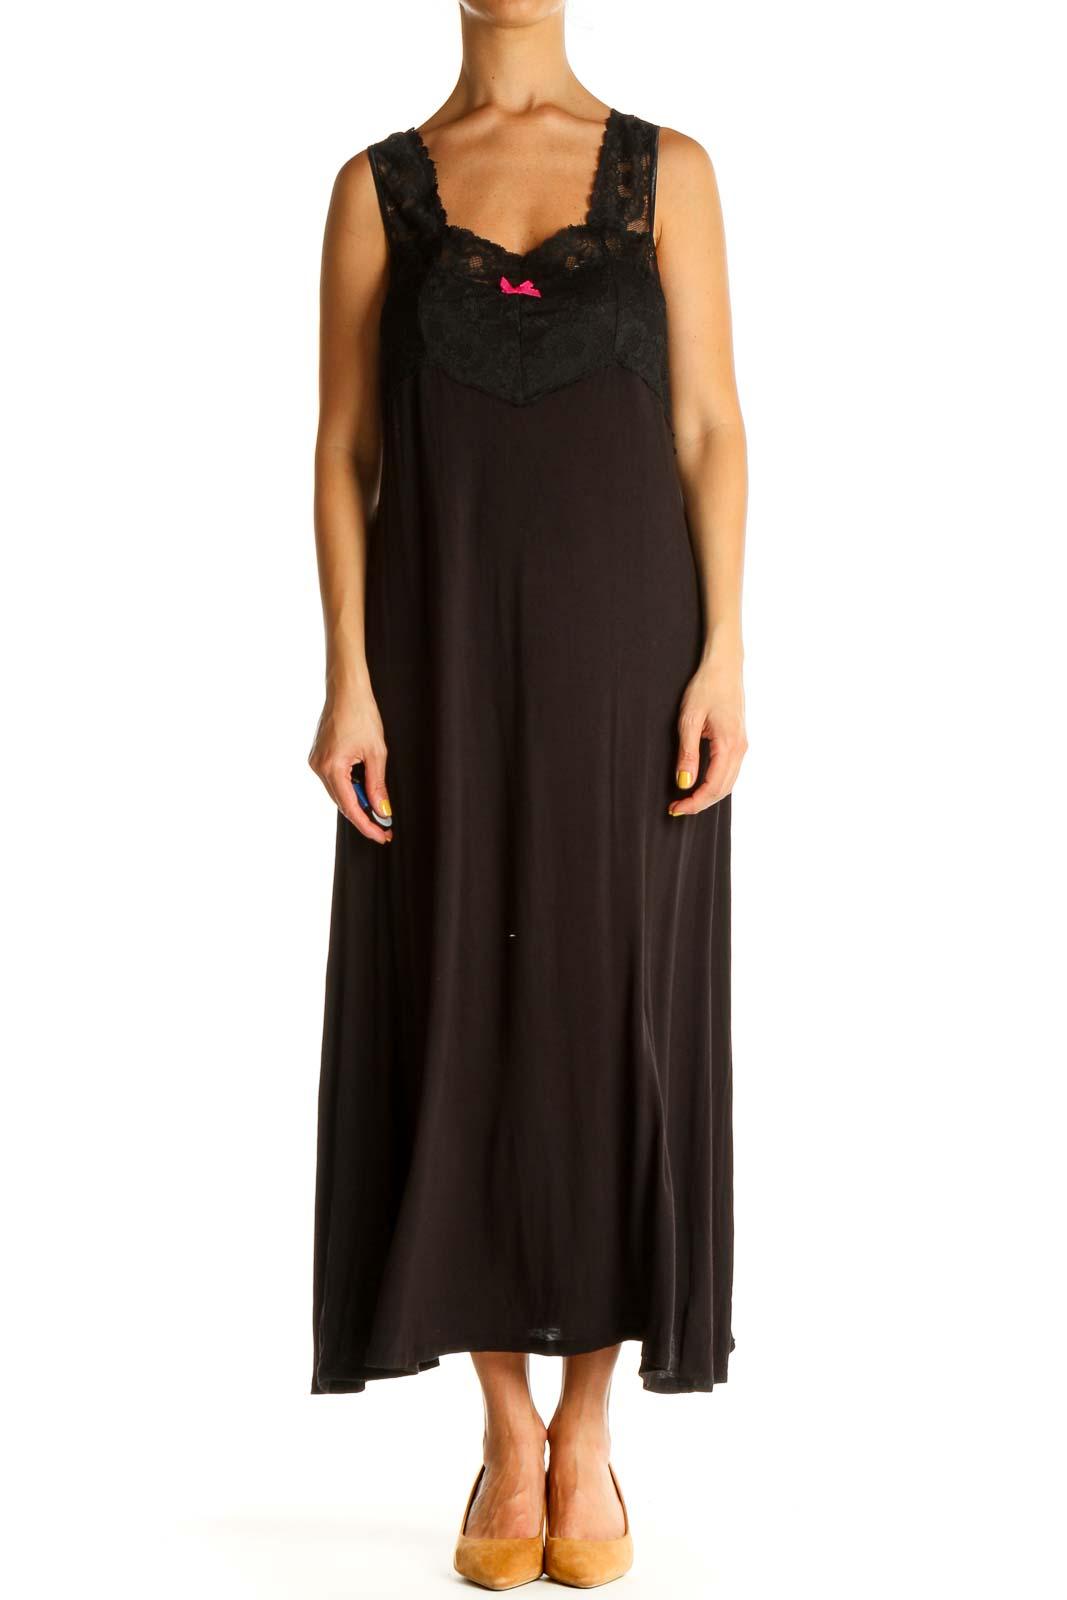 Black Solid Column Dress Front